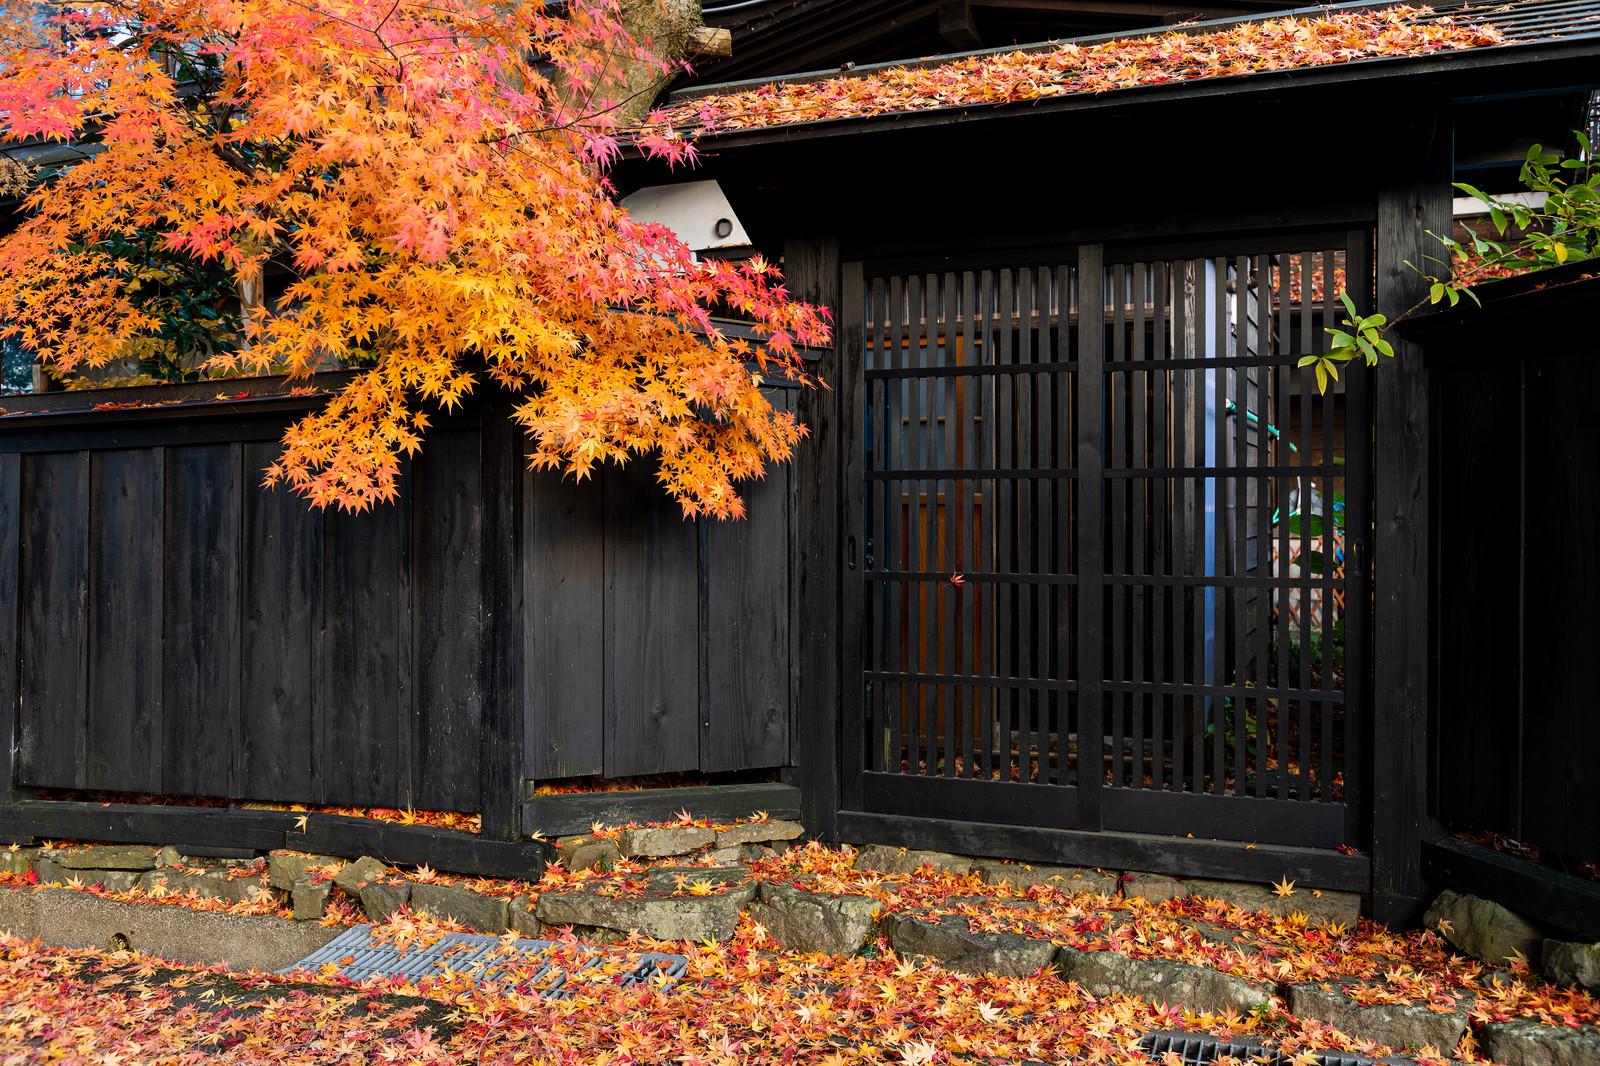 もみじの落葉と和風の門扉の写真素材